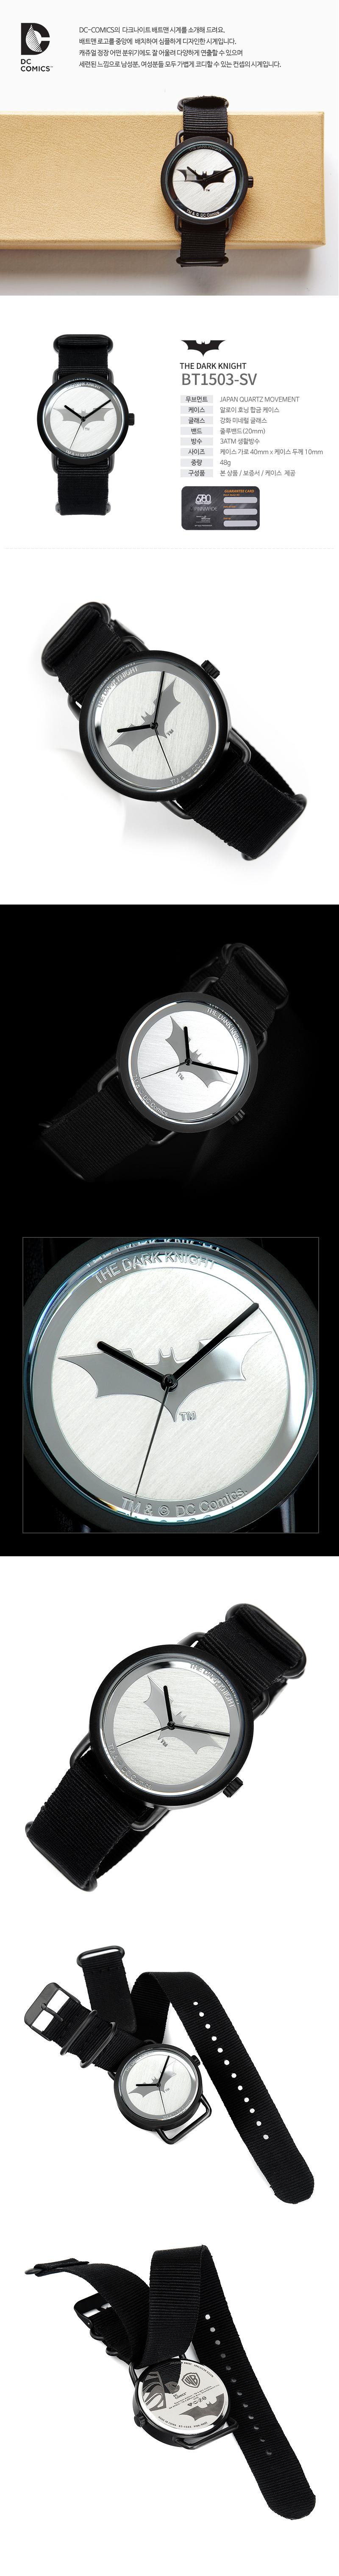 디씨코믹스(DC COMICS) [DC COMICS] 디씨코믹스 배트맨 다크나이트 BT1503-SV 본사정품